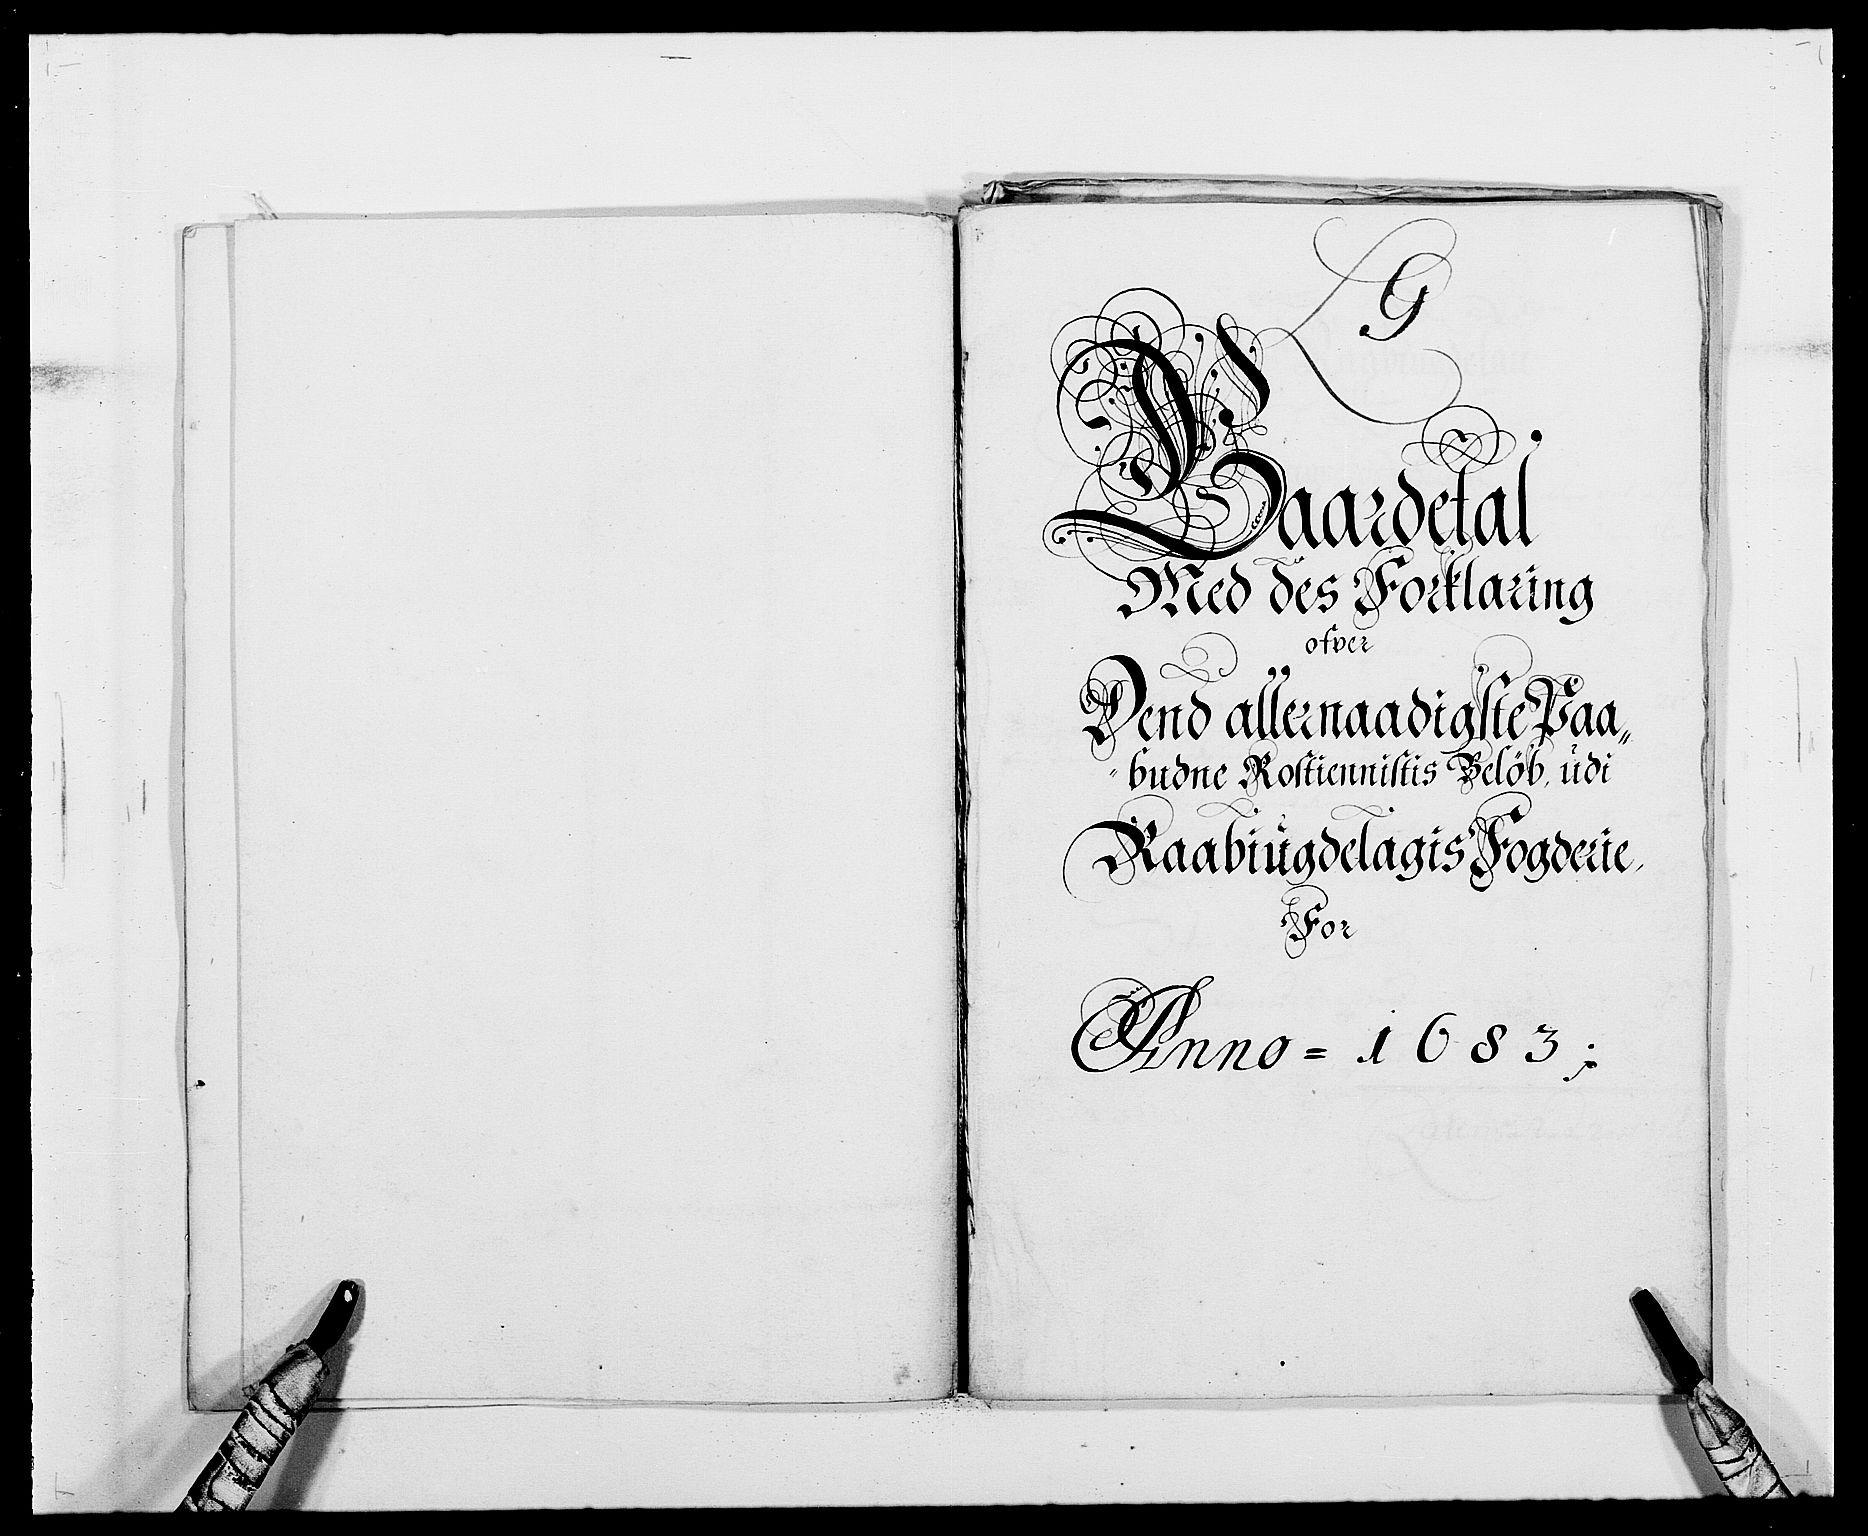 RA, Rentekammeret inntil 1814, Reviderte regnskaper, Fogderegnskap, R40/L2438: Fogderegnskap Råbyggelag, 1682-1683, s. 342